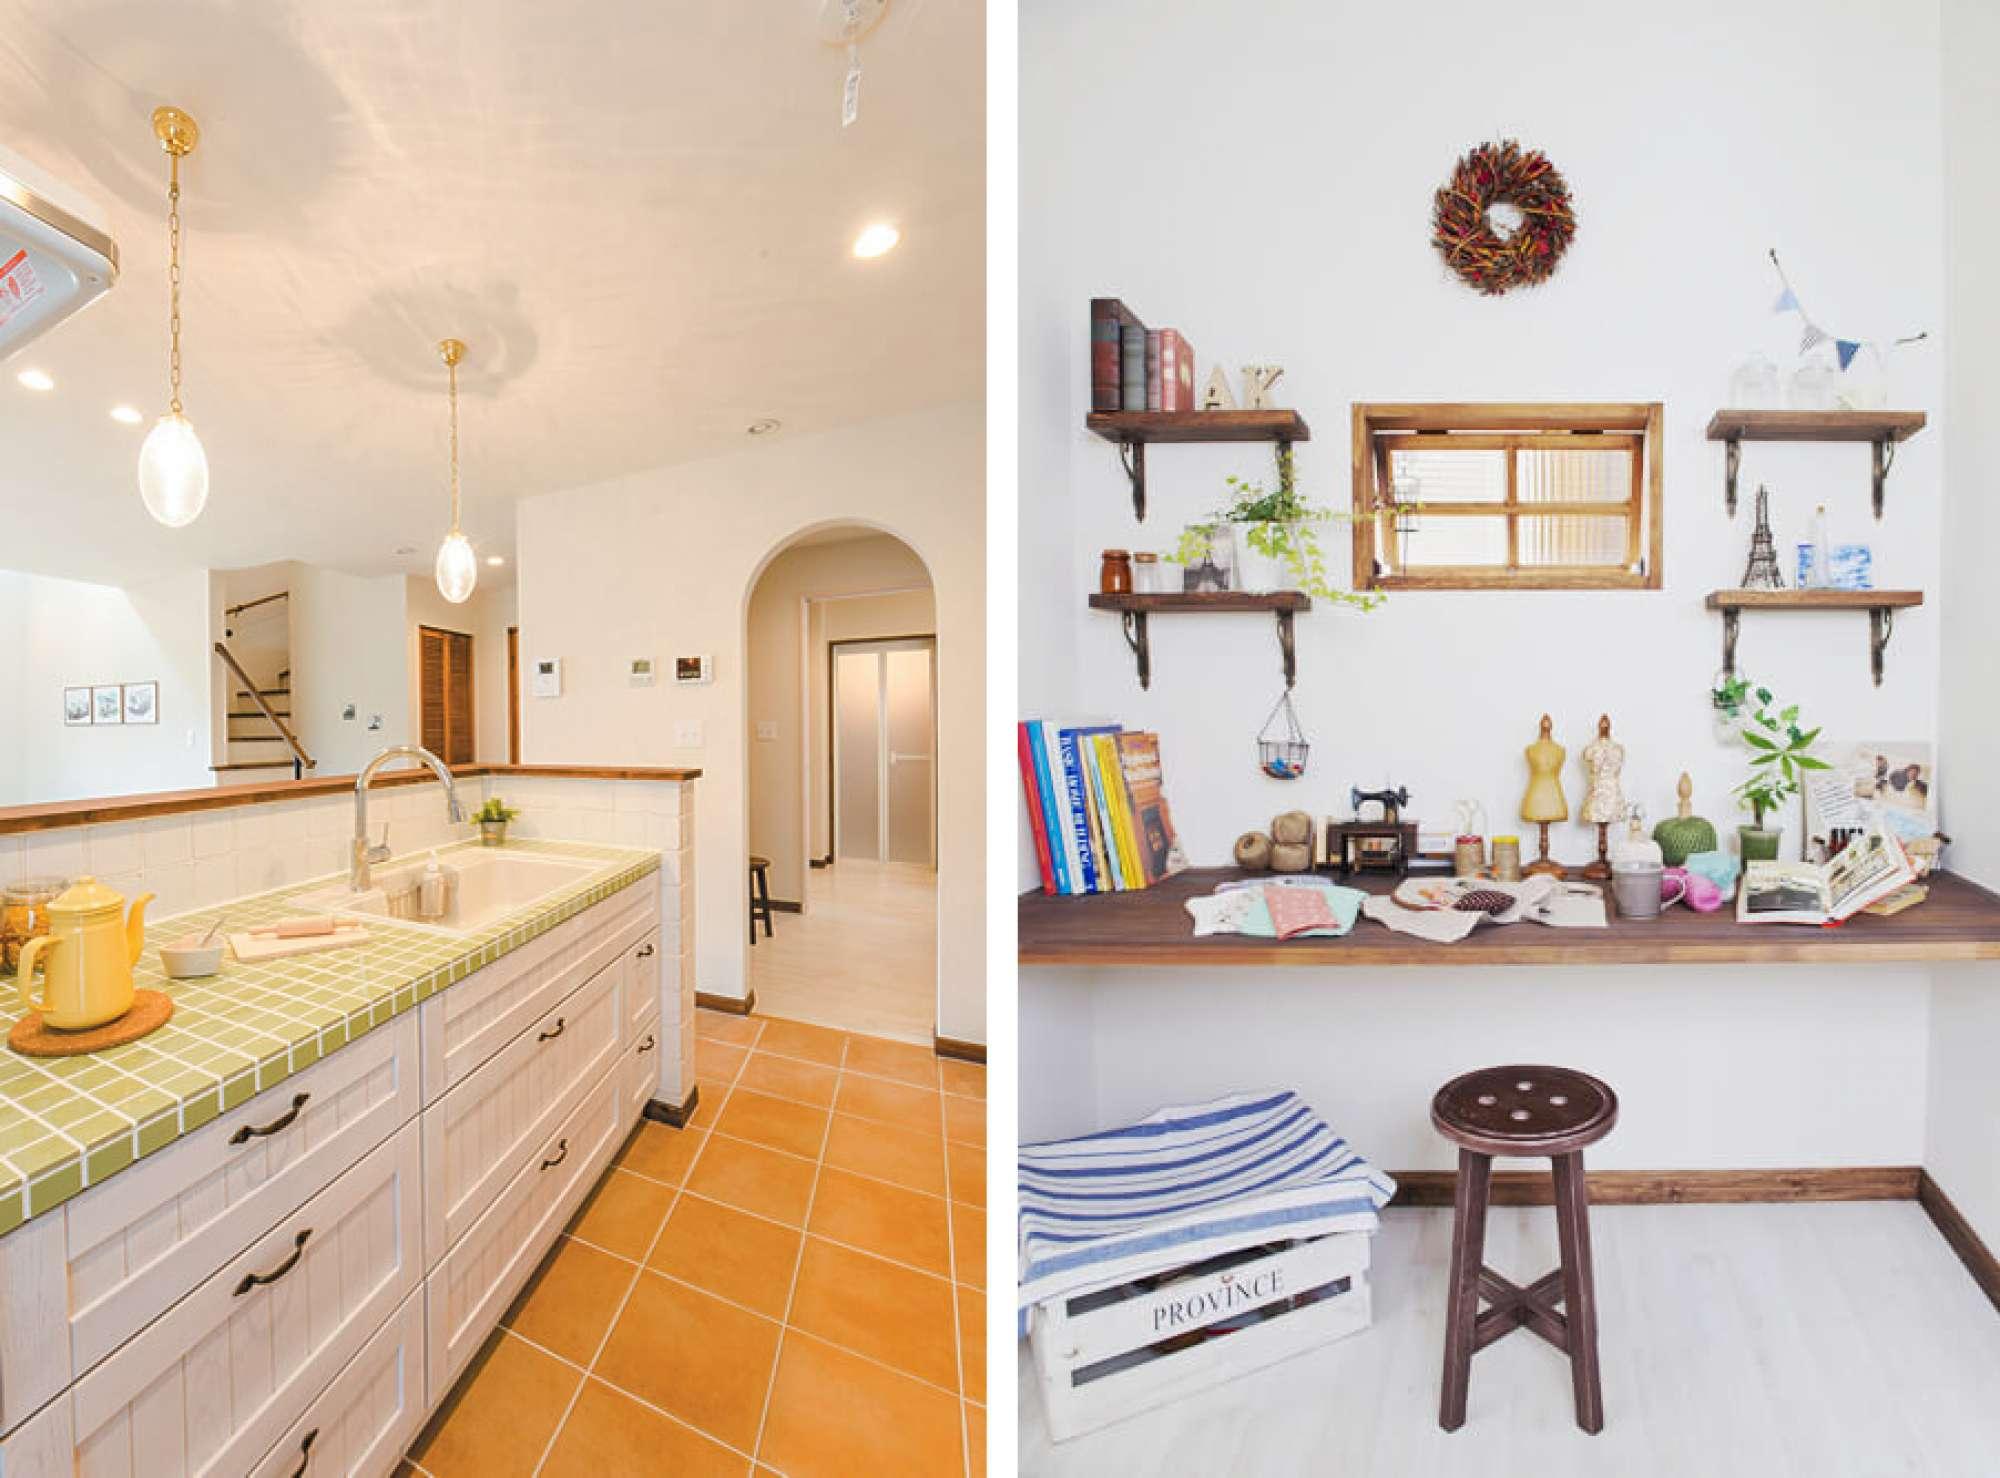 - タイル素材の木のキッチンや、Rの入り口など、南フランスのデザインテイストを取り入れた内装。趣味や楽しめる家事スペースも。 -  -